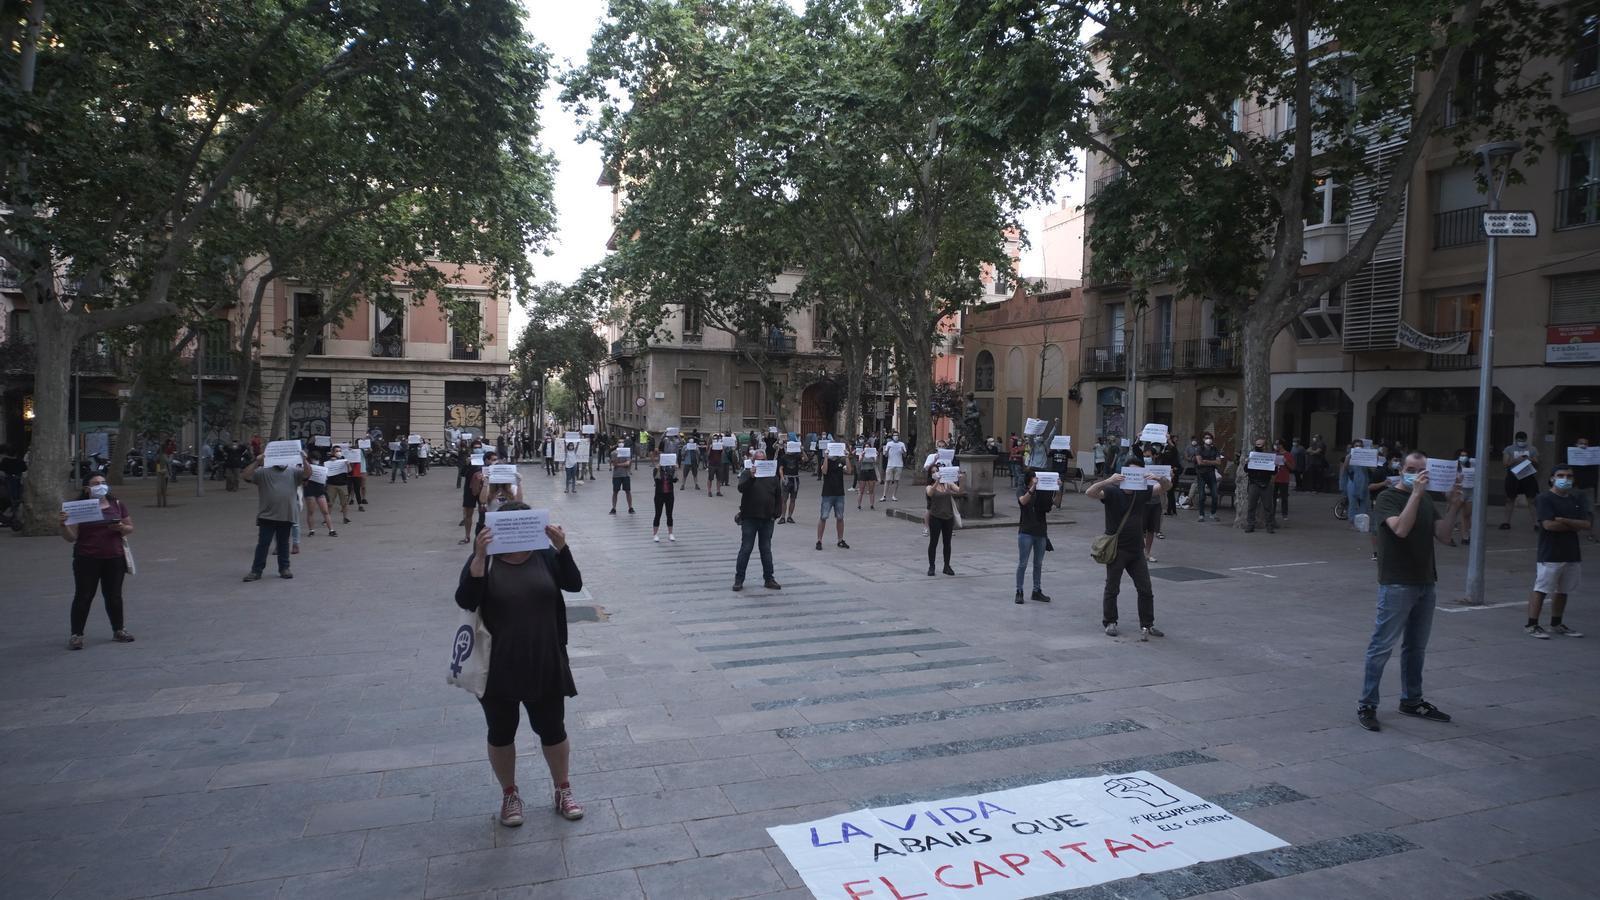 Els anticapitalistes aconsegueixen manifestar-se a Gràcia mantenint la distància